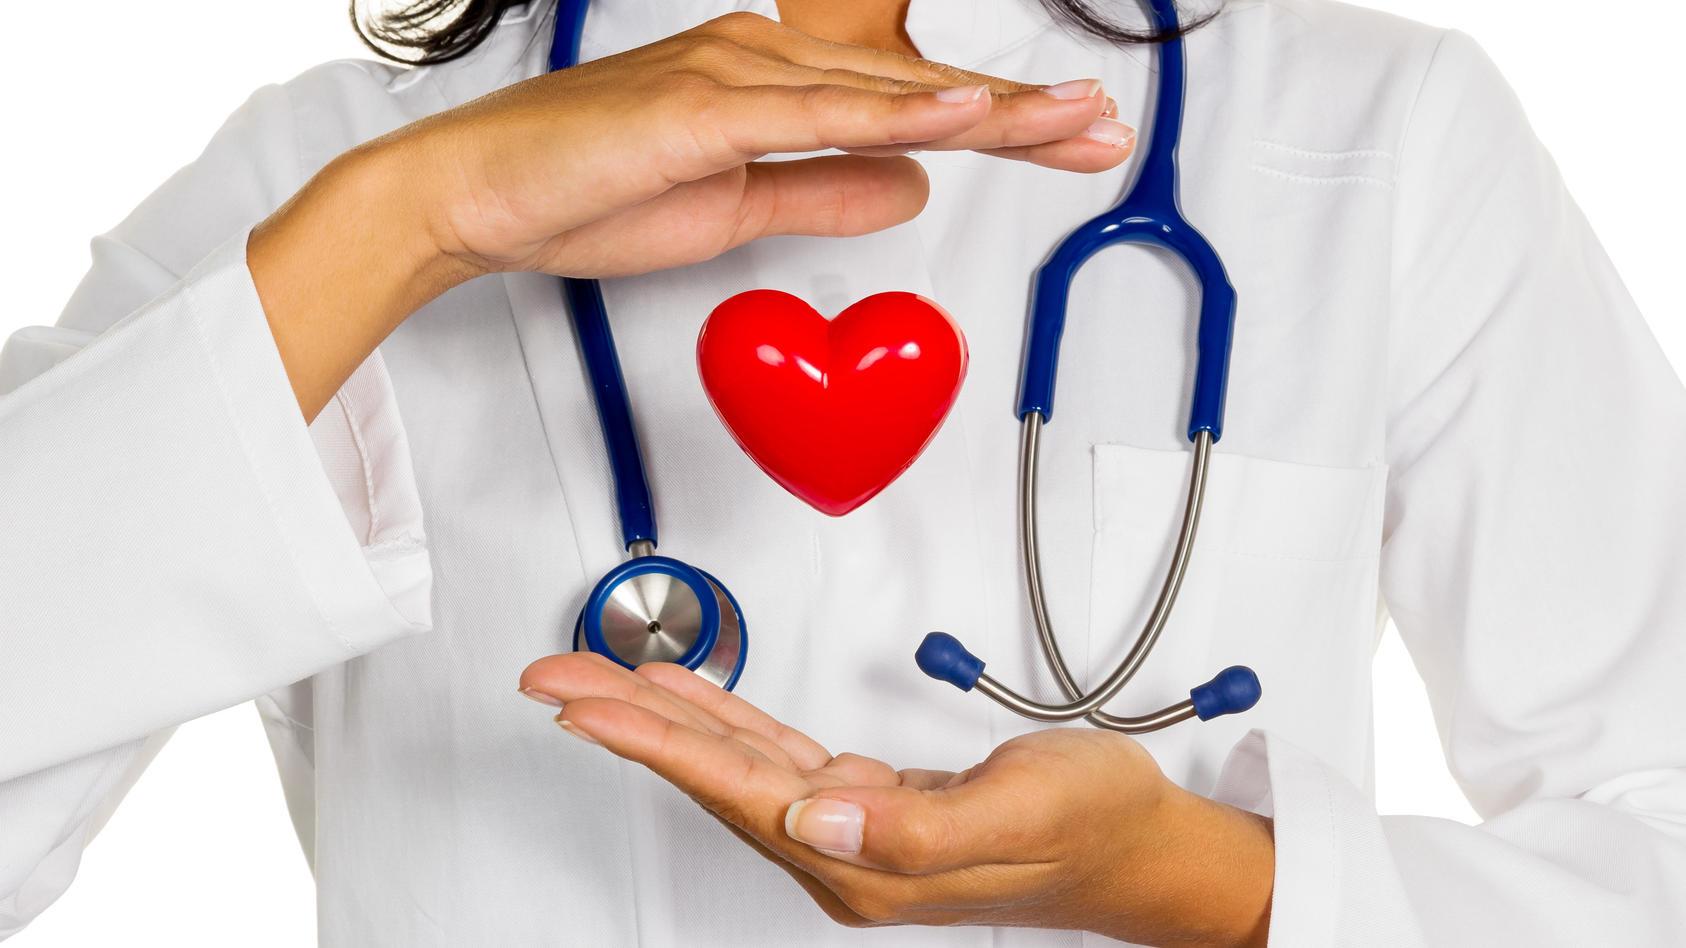 Eine junge Ärztin (Internistin) hält ein Herz symbolisch in der Hand.